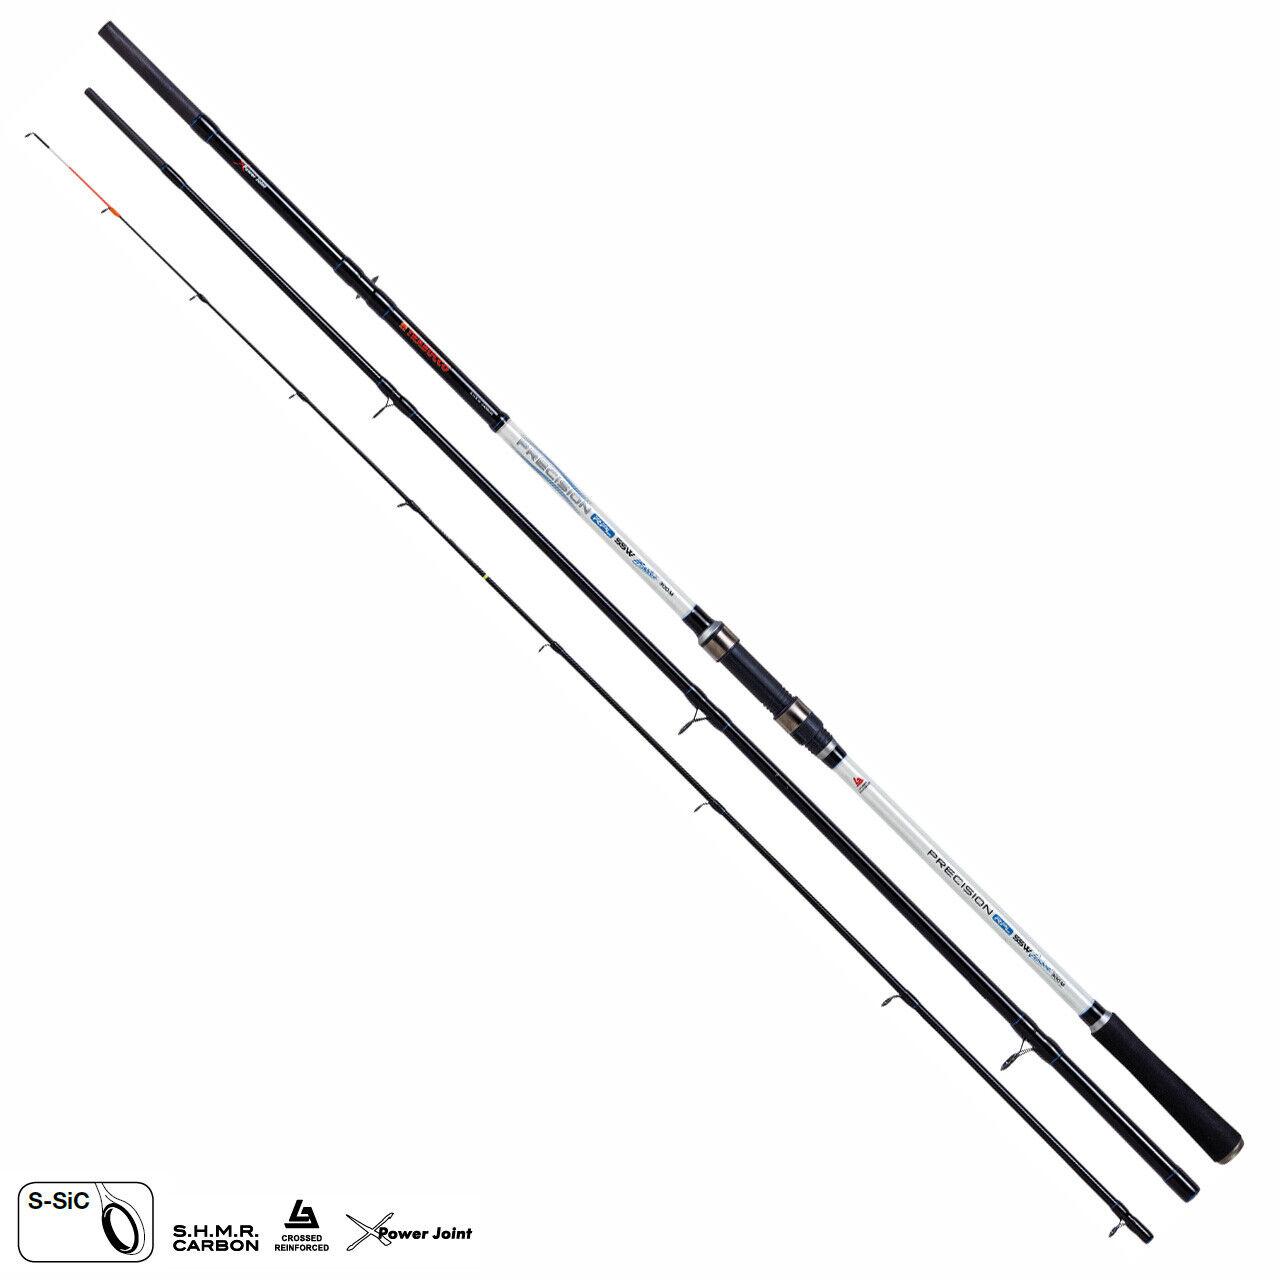 15220360 Canna Pesca Trabucco Precision RPL SSW Master  Feeder 3,60 m FEU  Vuelta de 10 dias